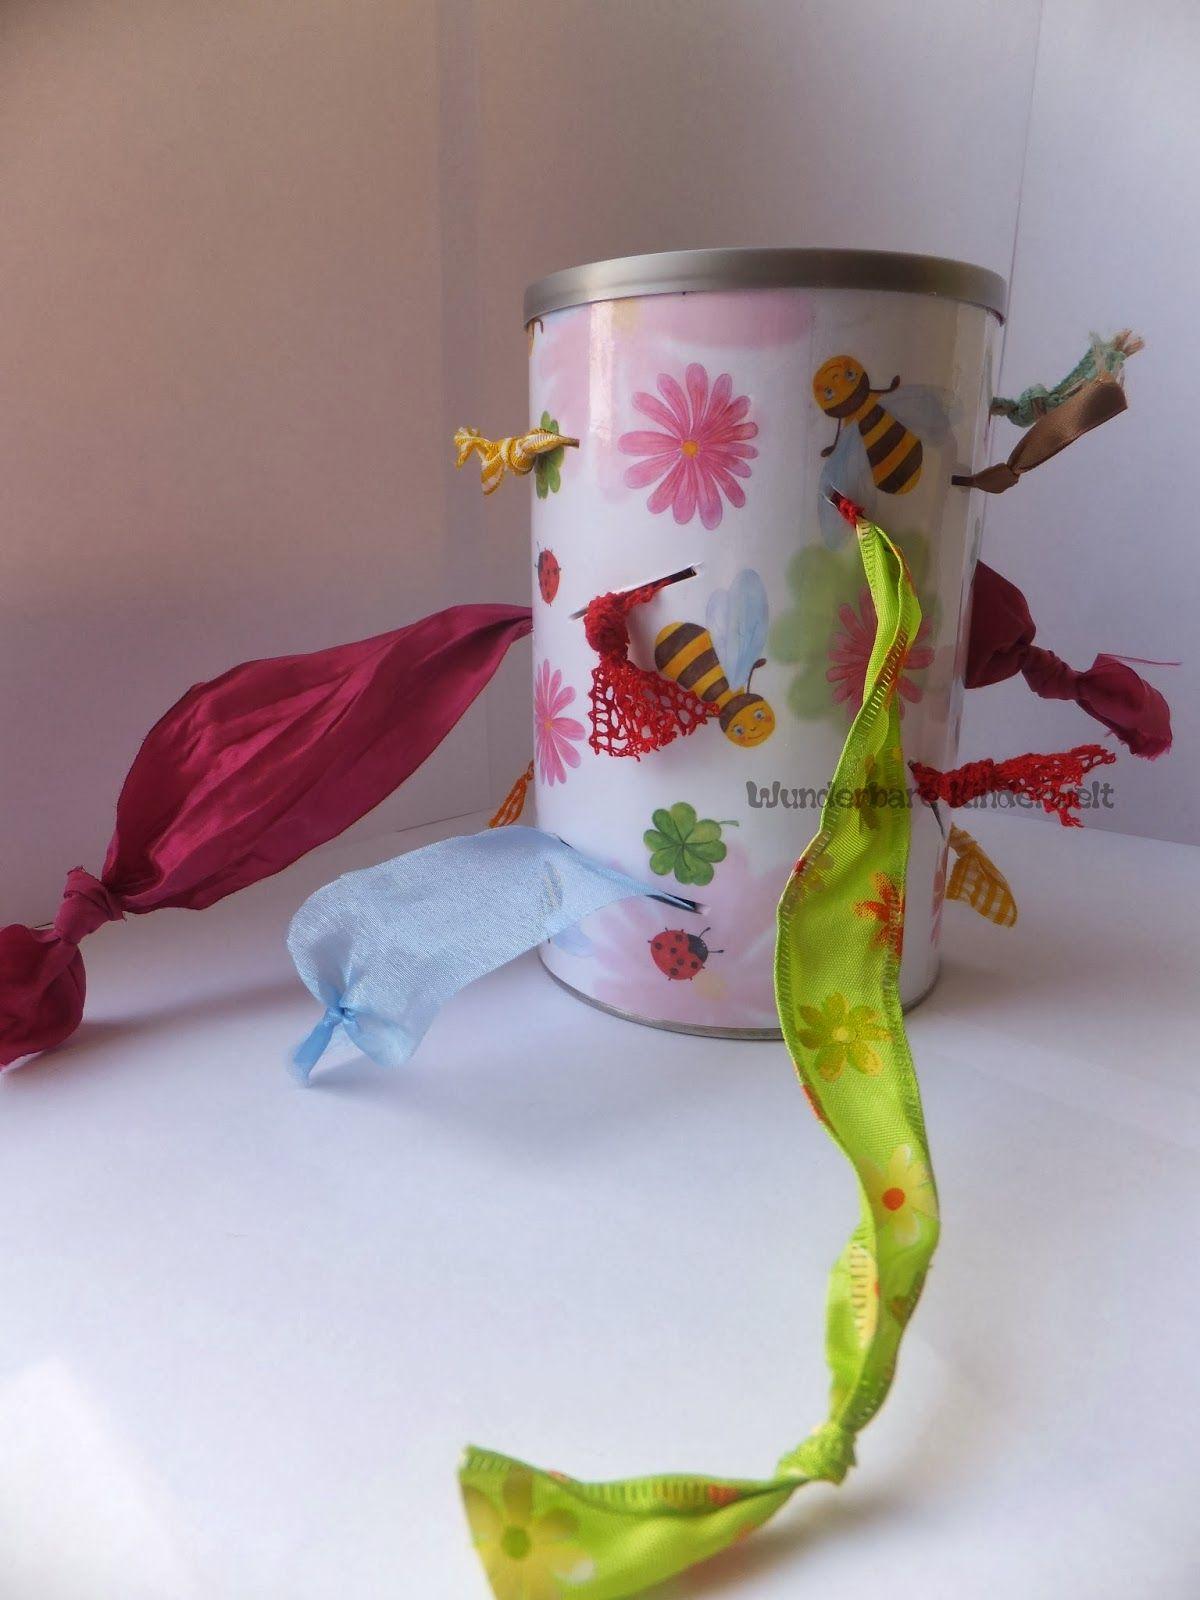 Wunderbare Kinderwelt: selbstgemachtes Spielzeug zur Feinmotorik #toysforbabies